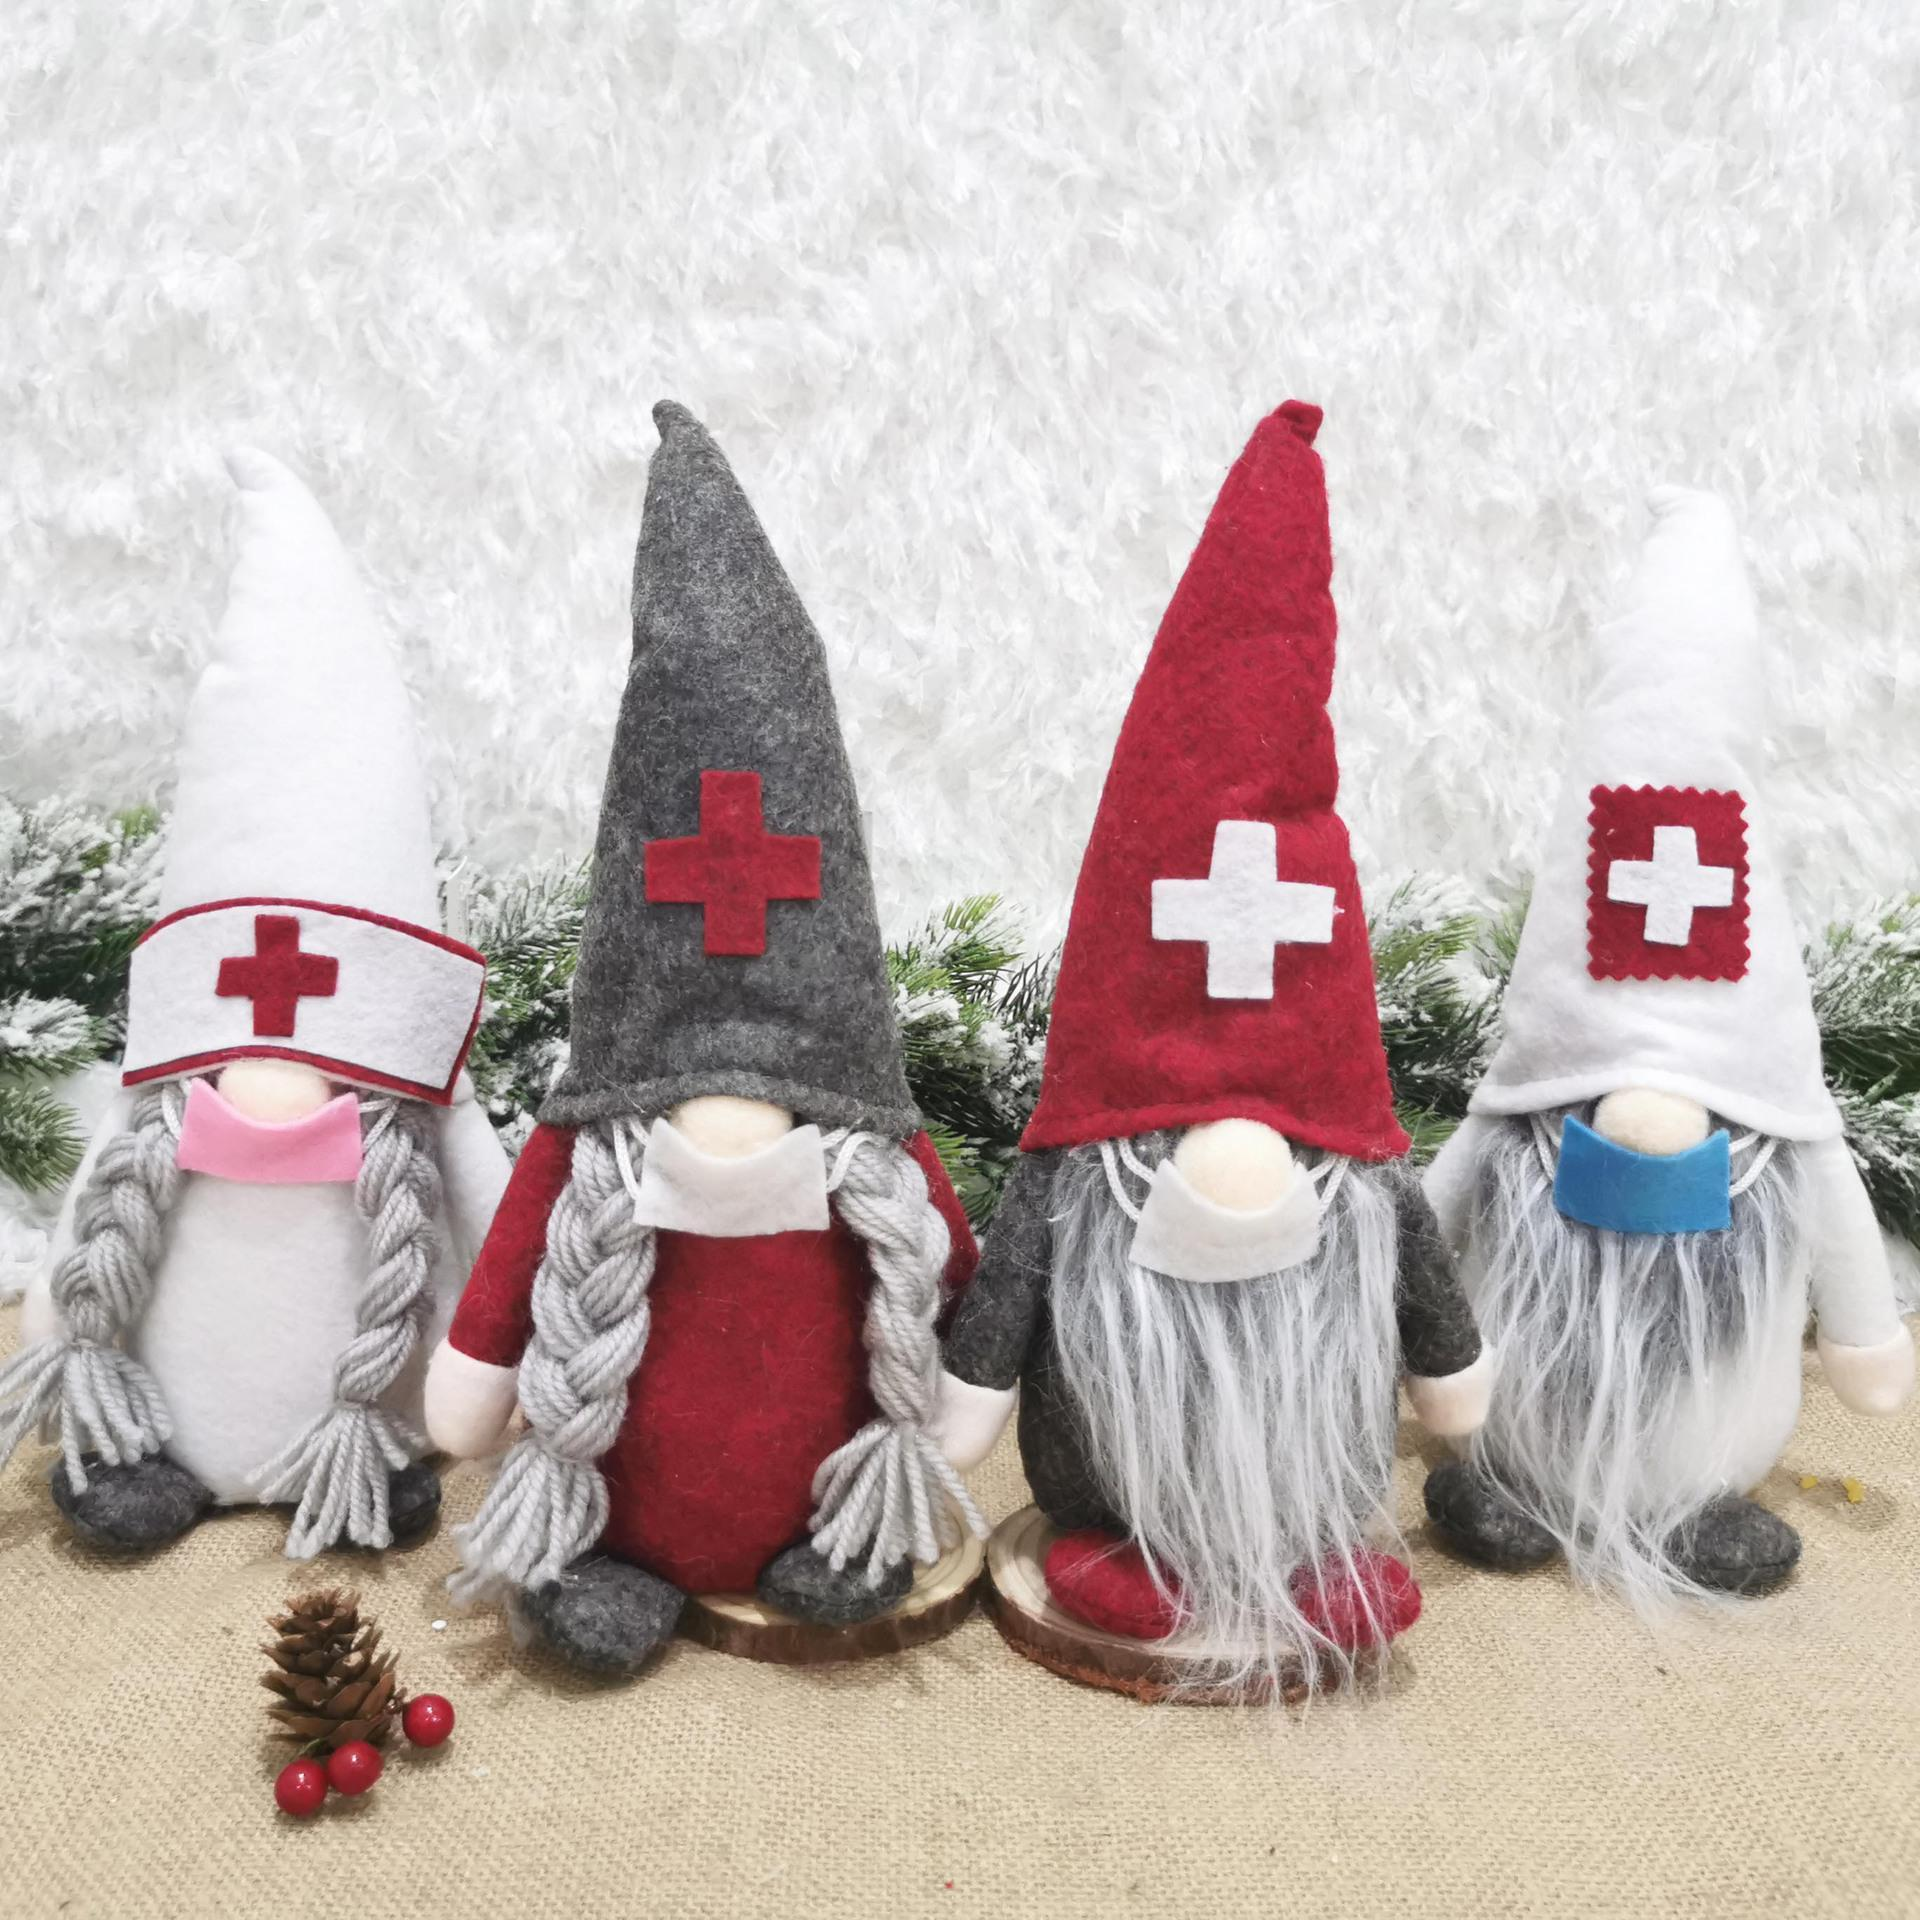 Weihnachtsarztschwester Gnome Plüsch Ornamente Schwedisch Santa Weihnachtsbaum Dekor Ferienhaus Party Dekoration FWA2127